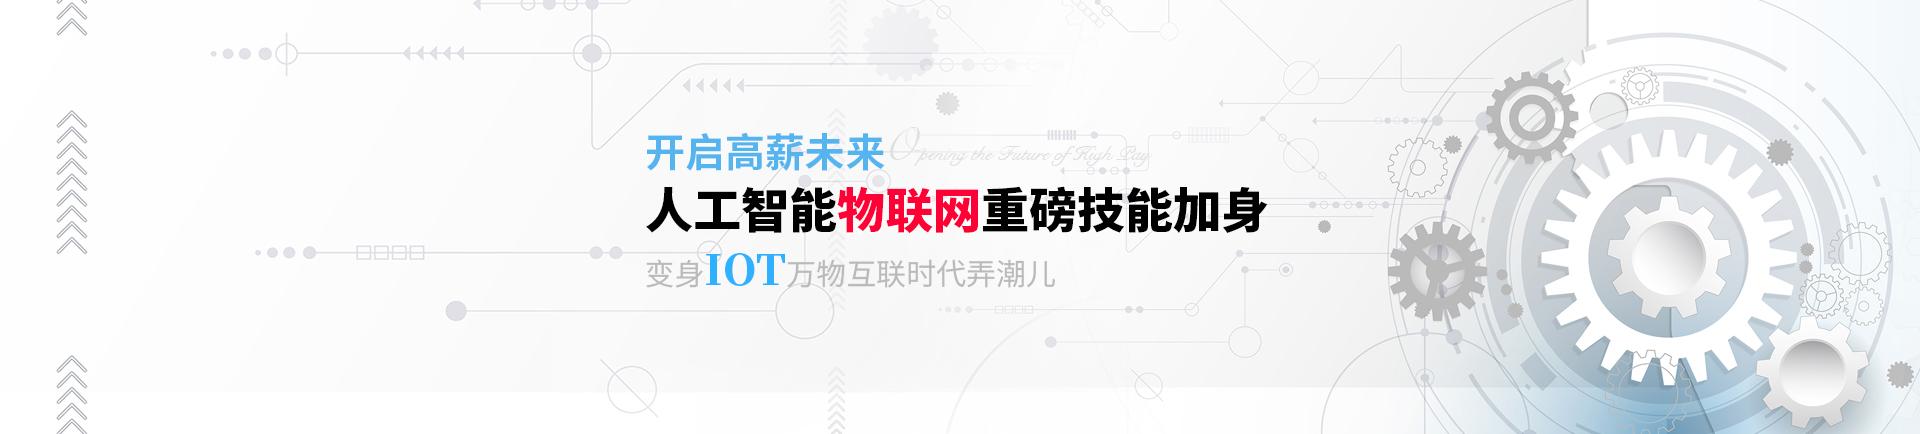 人工智能物�网�磅技能加身 �身IOT万物互�时代弄潮儿-chengdu